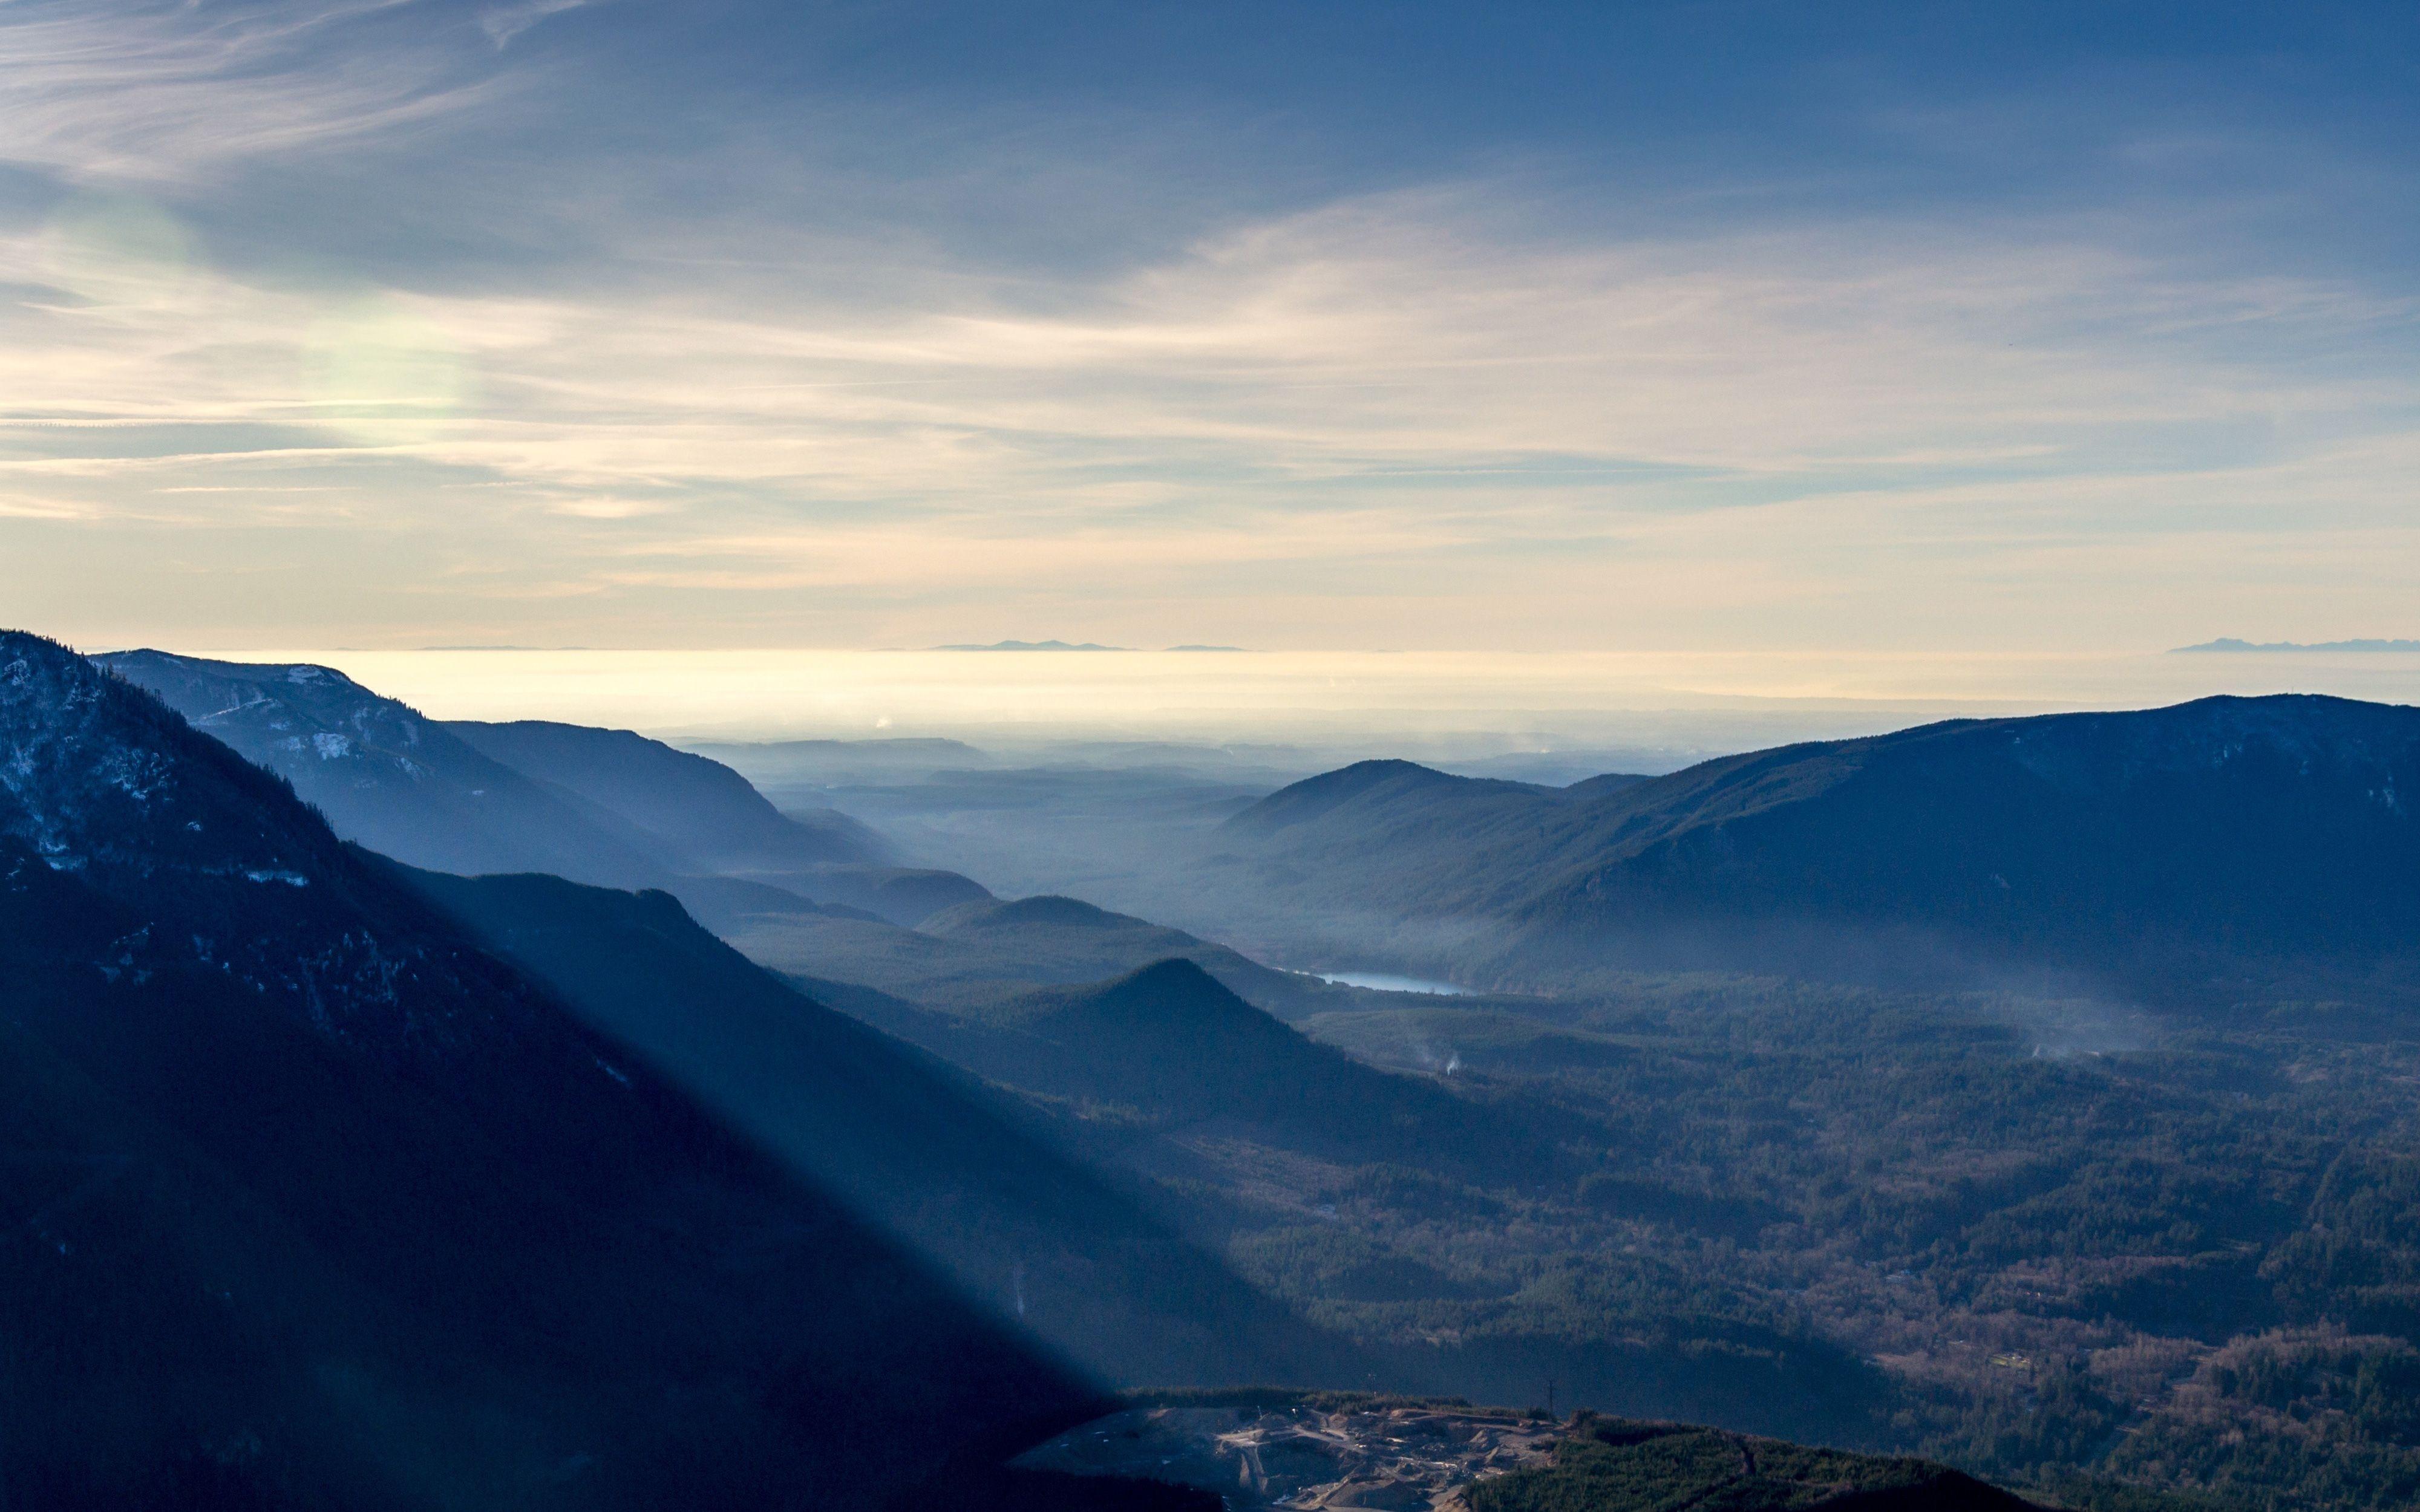 Hình nền dãy núi sương mù 4000x2500